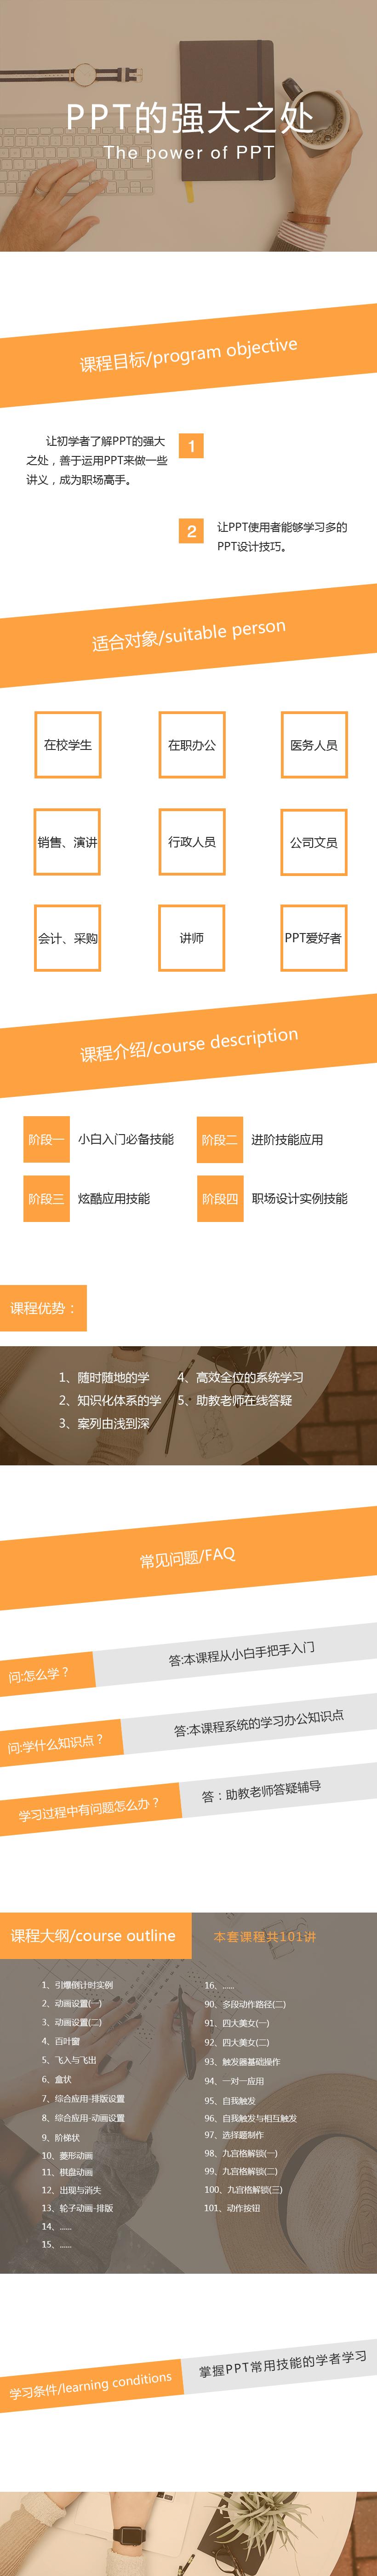 WPS Office之PPT動畫應用技能(三).jpg